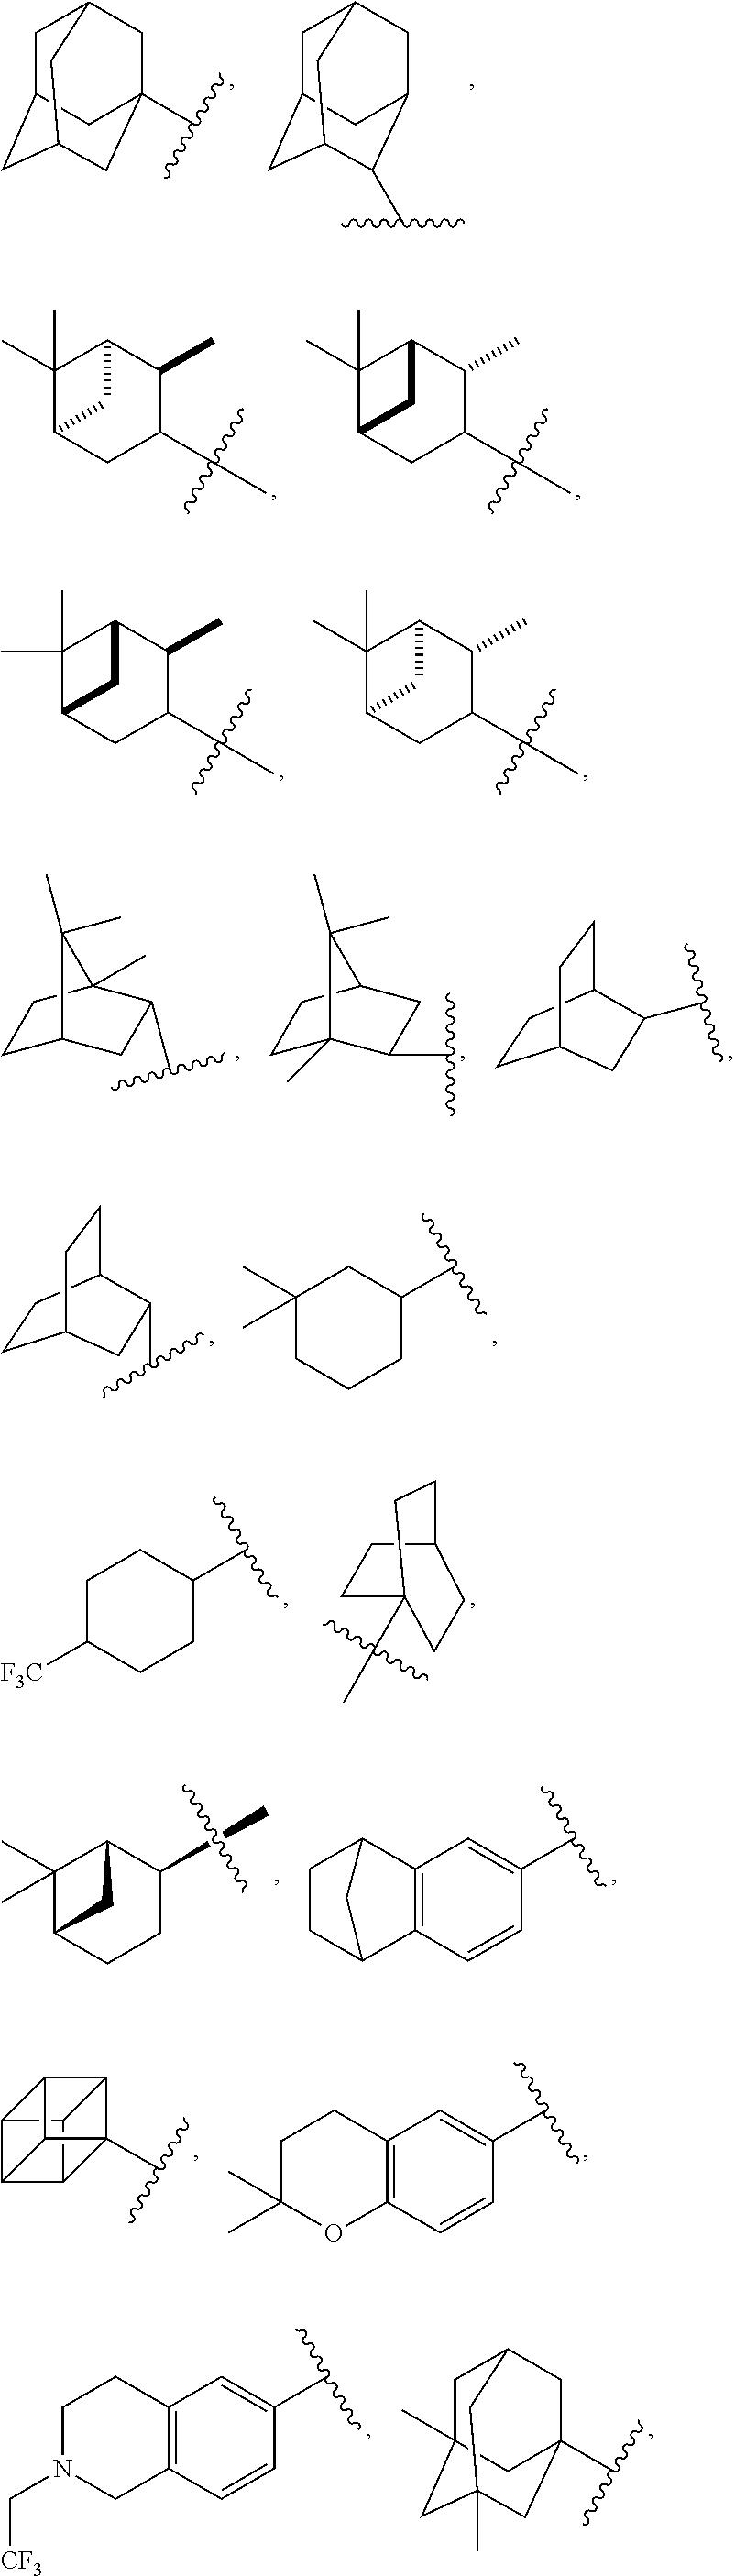 Figure US09771376-20170926-C00008